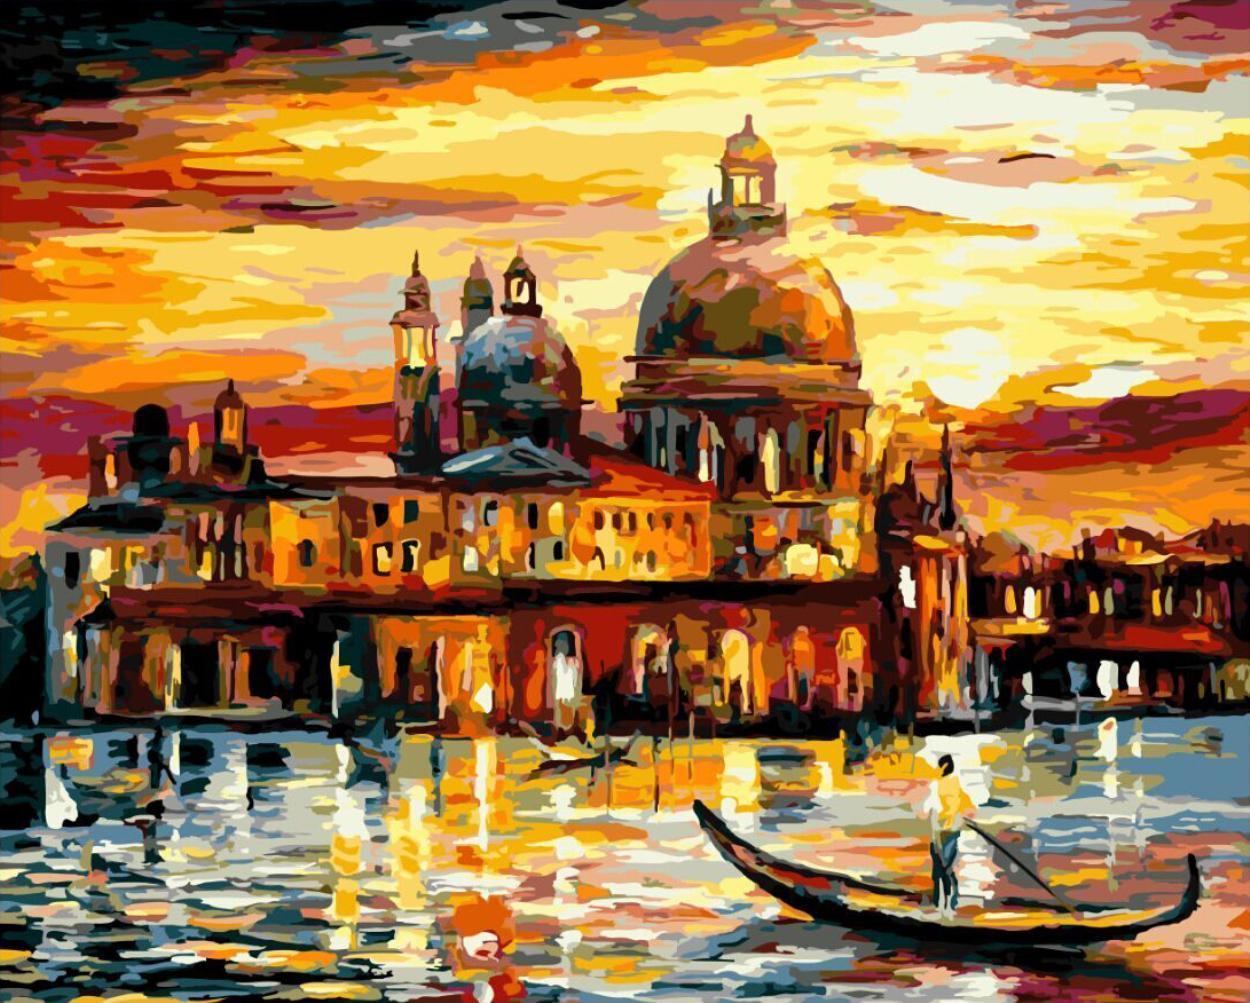 Картина за номерами Brushme Картина за номерами Brushme Золотое небо Венеции GX6753 40х50см       40x50смнабір для розпису, фарби та пензлі BK-GX6753